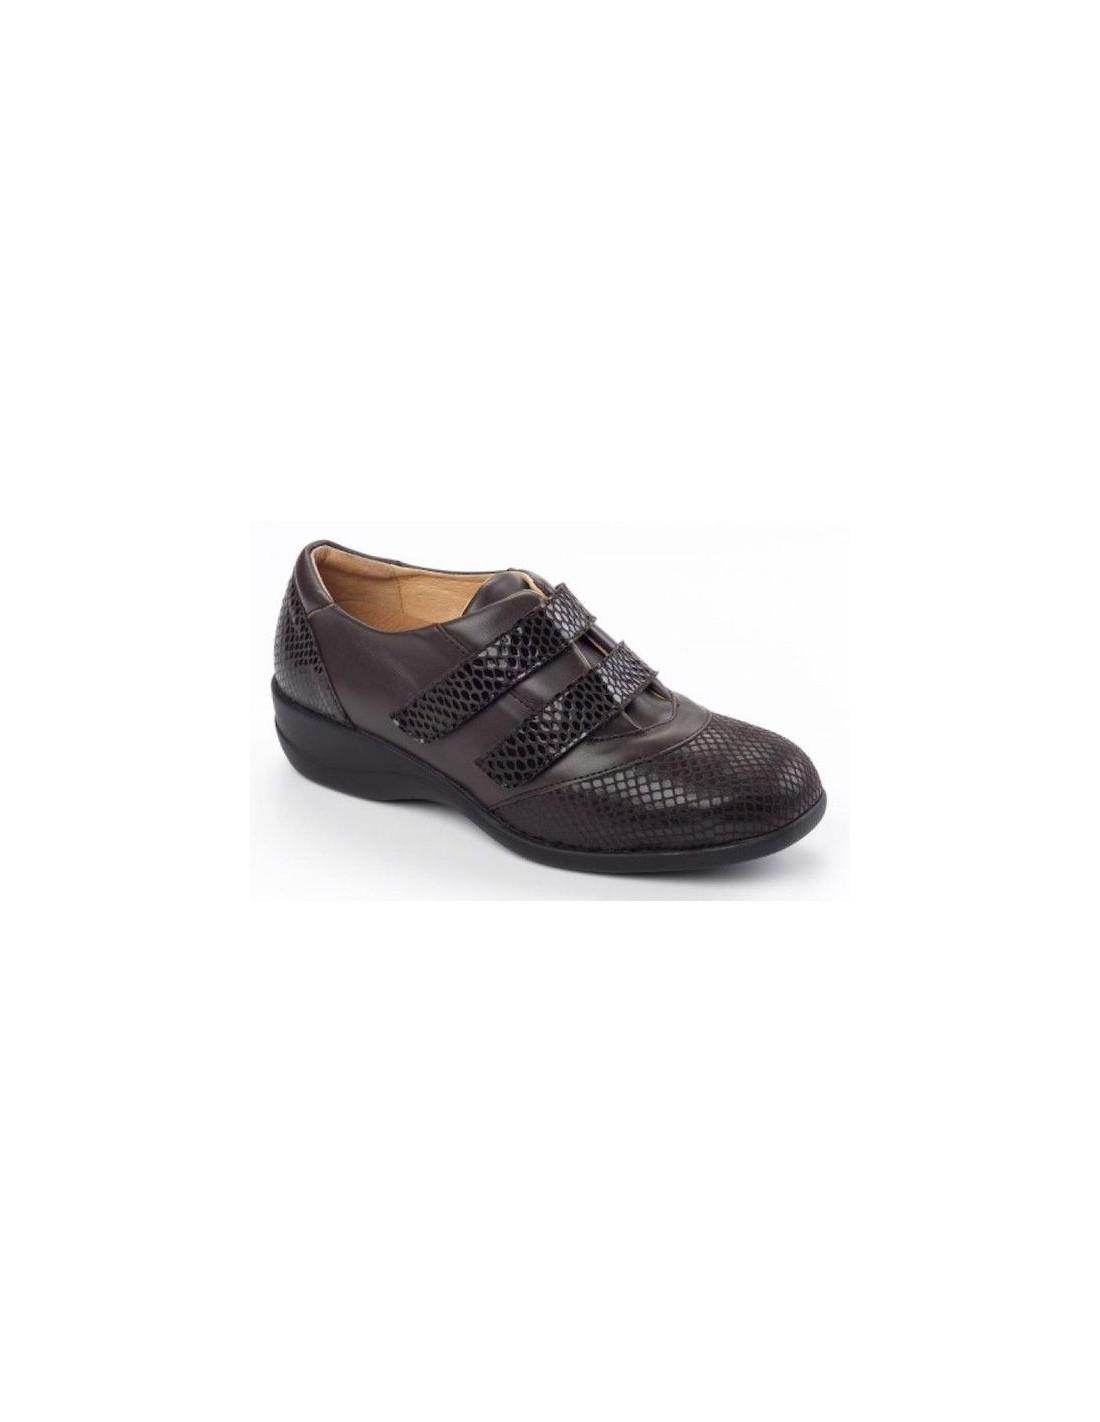 Delicados Ortopédicos Zapatos Pies Baratos Para Cómodos Y j3qA4c5RL